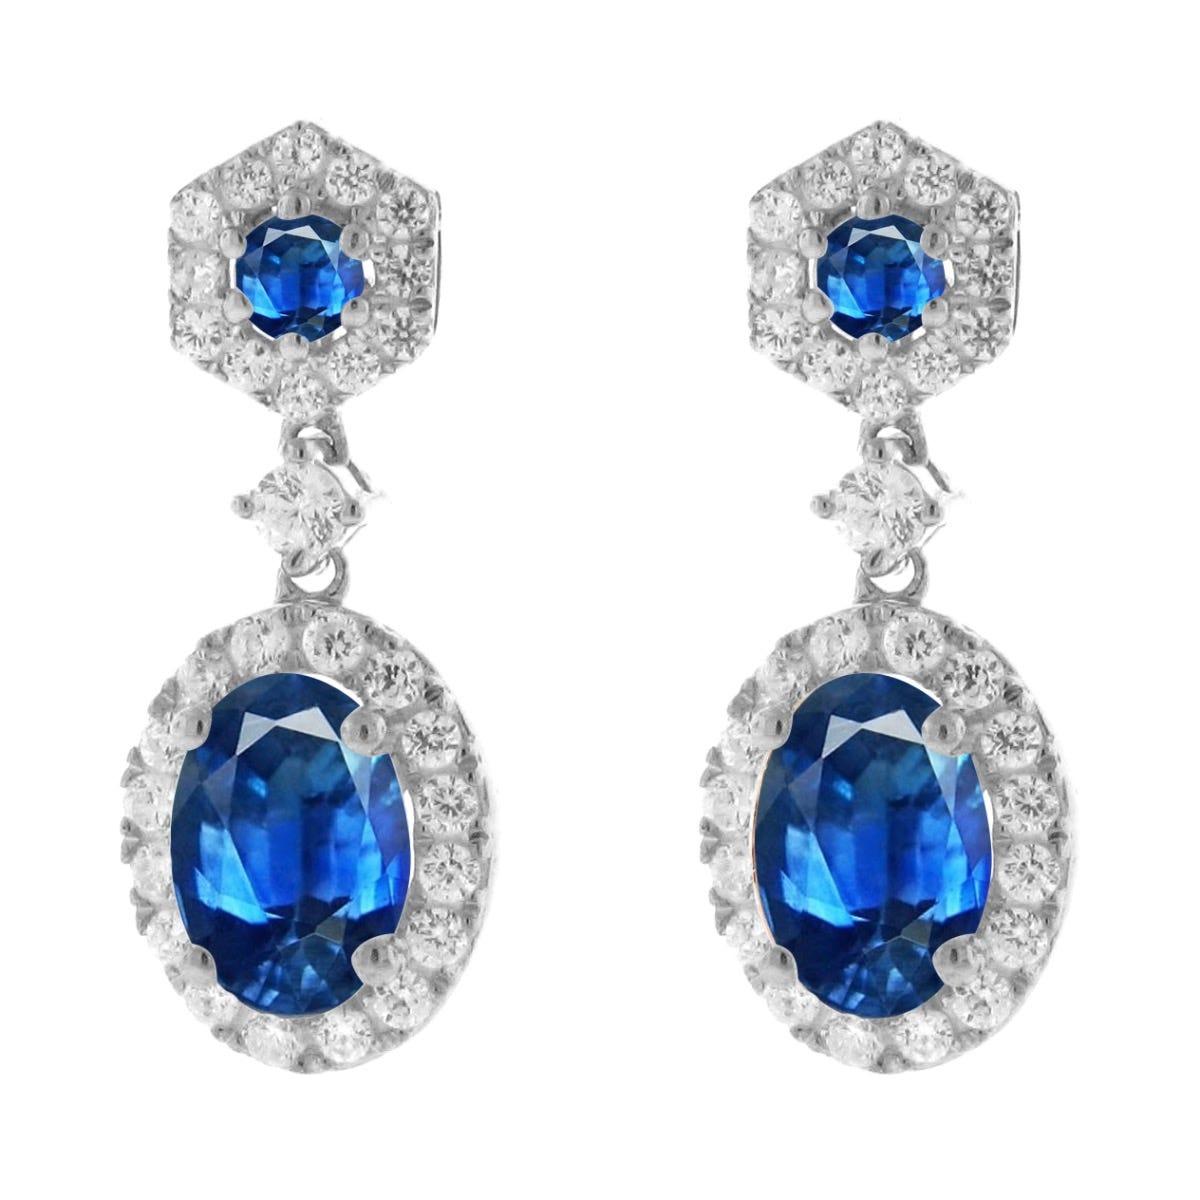 Oval Sapphire & Diamond Halo Drop Earrings in 10k White Gold